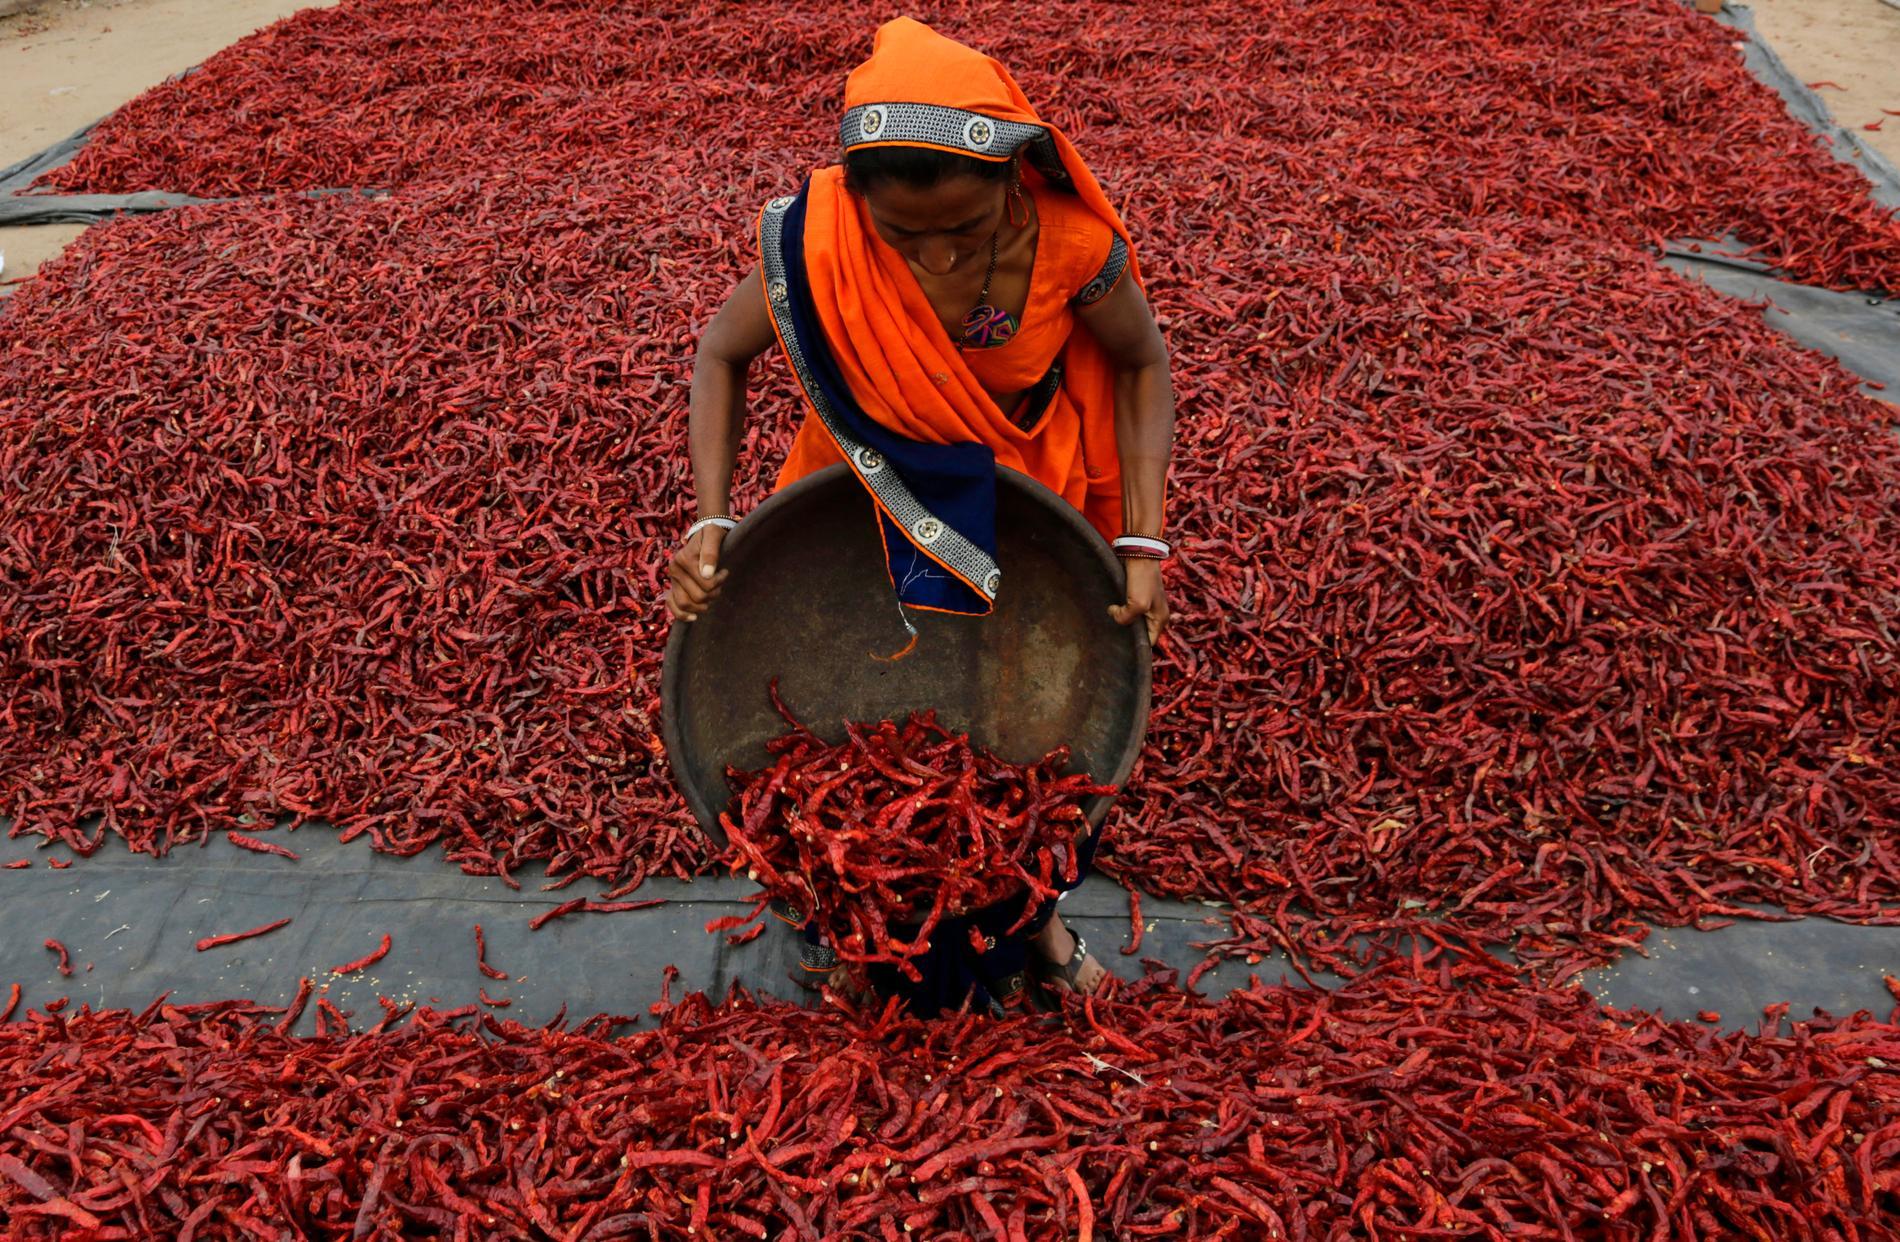 En kvinna sorterar ut chilifrukter vid ett lantbruk i byn Shertha utanför Ahmedabad i nordvästra Indien. Bilden är från den 13 mars.